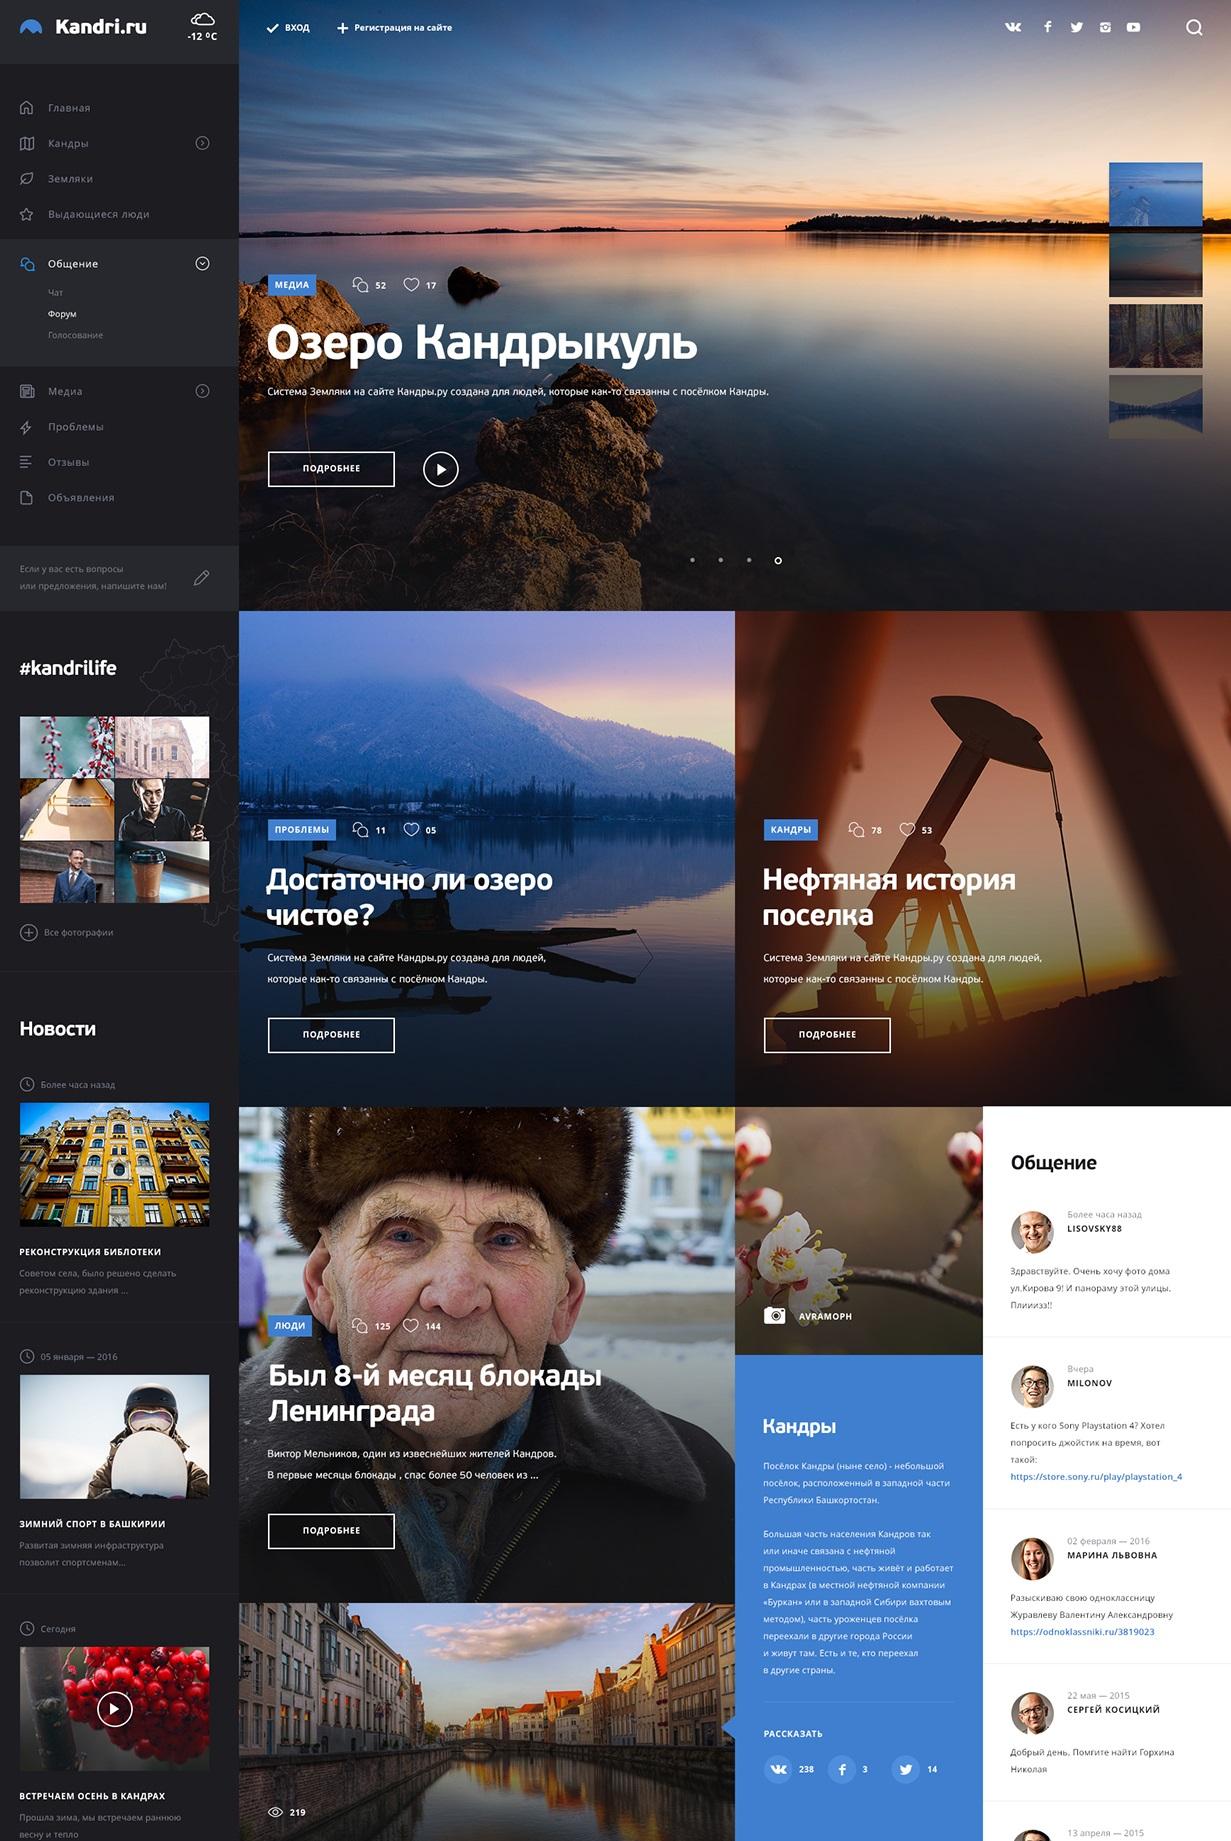 Andrey Stelmakh, talentueux Webdesigner et Designer d'interface #23